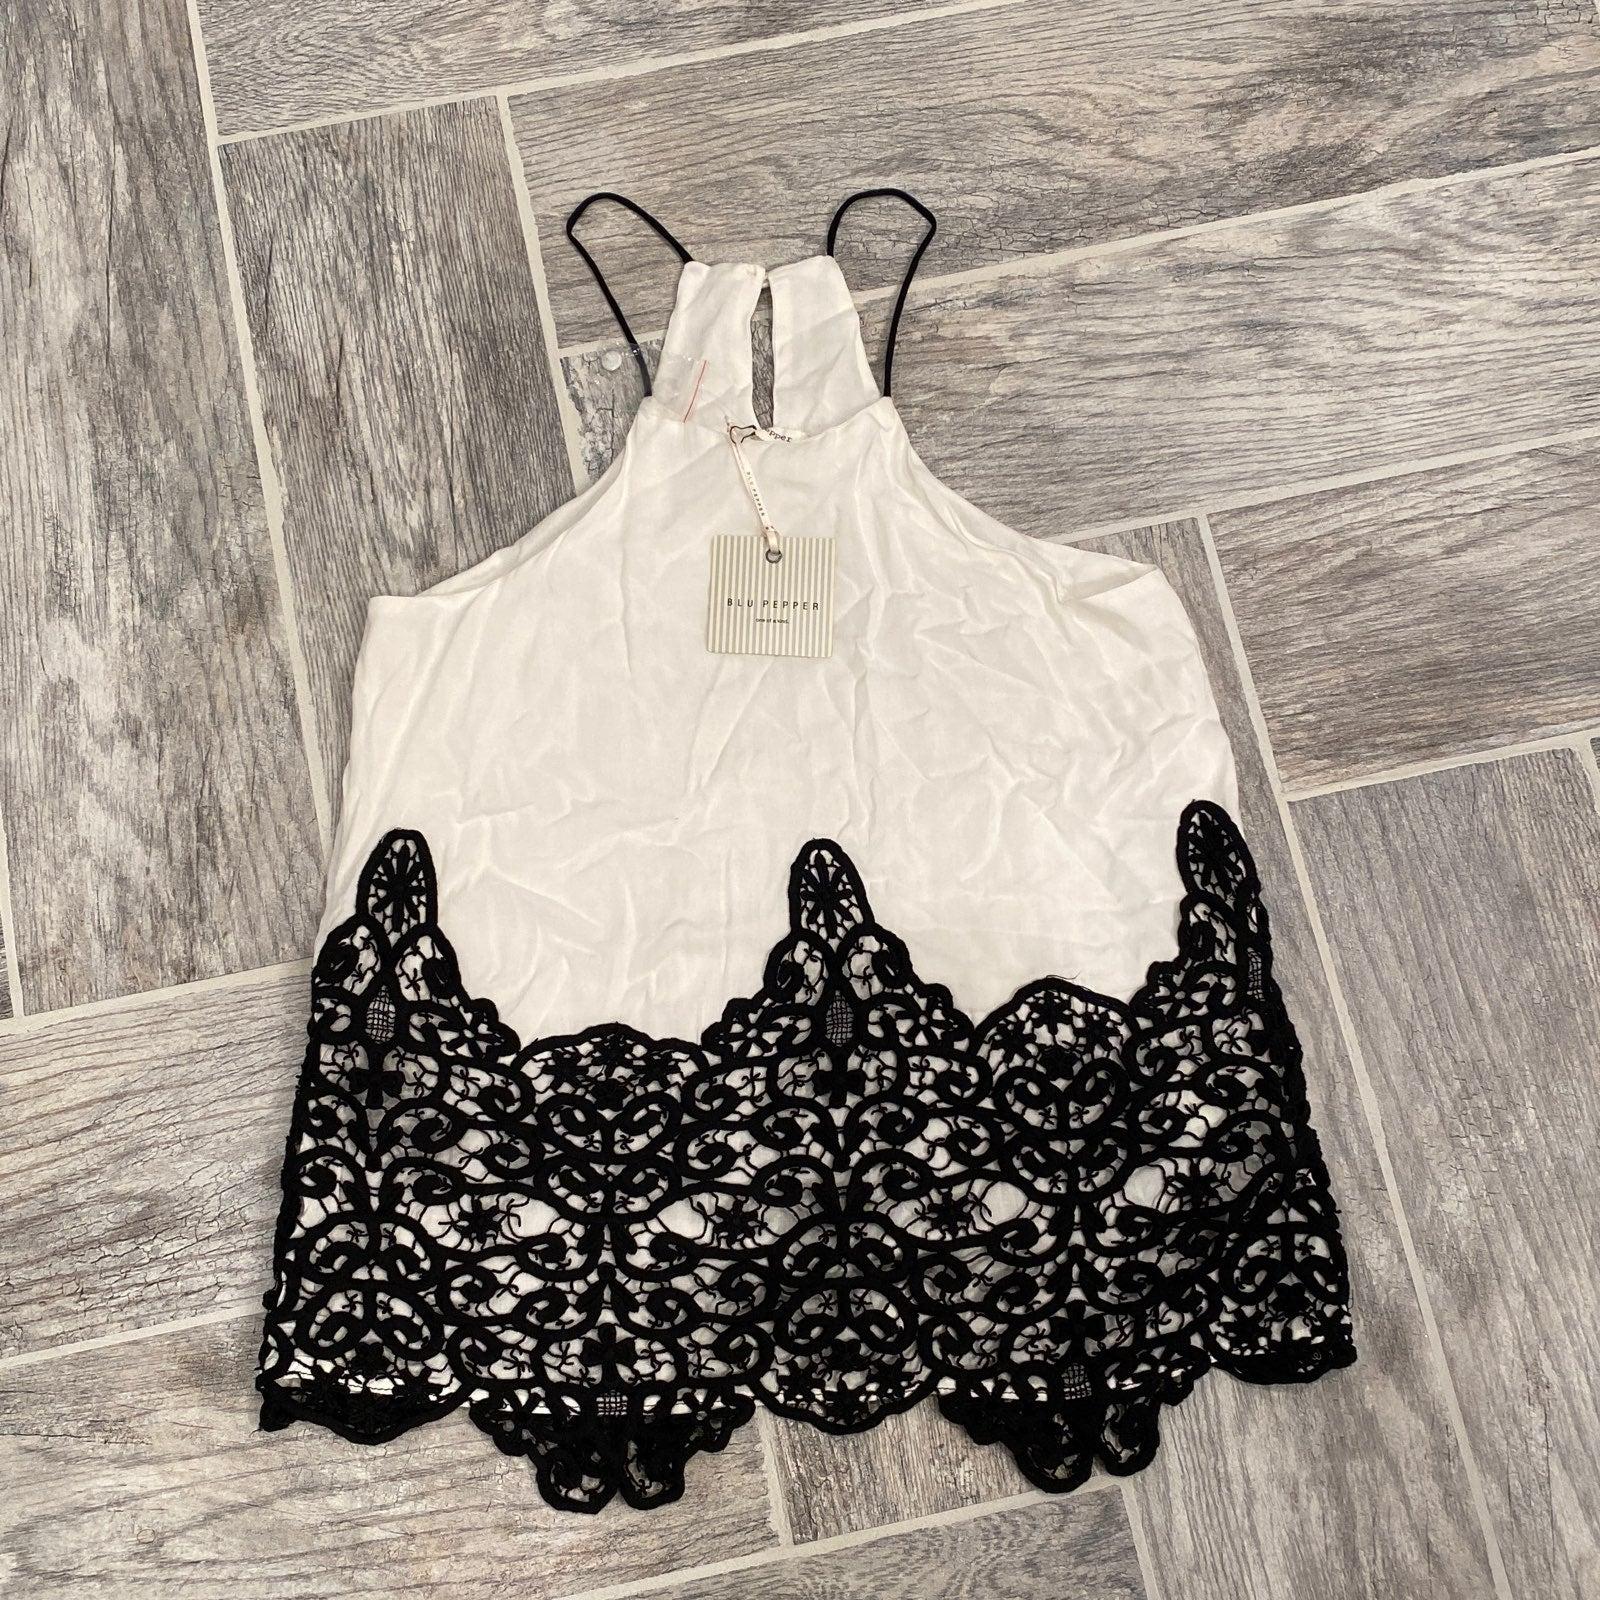 Black & White Lace Tank Top NWT